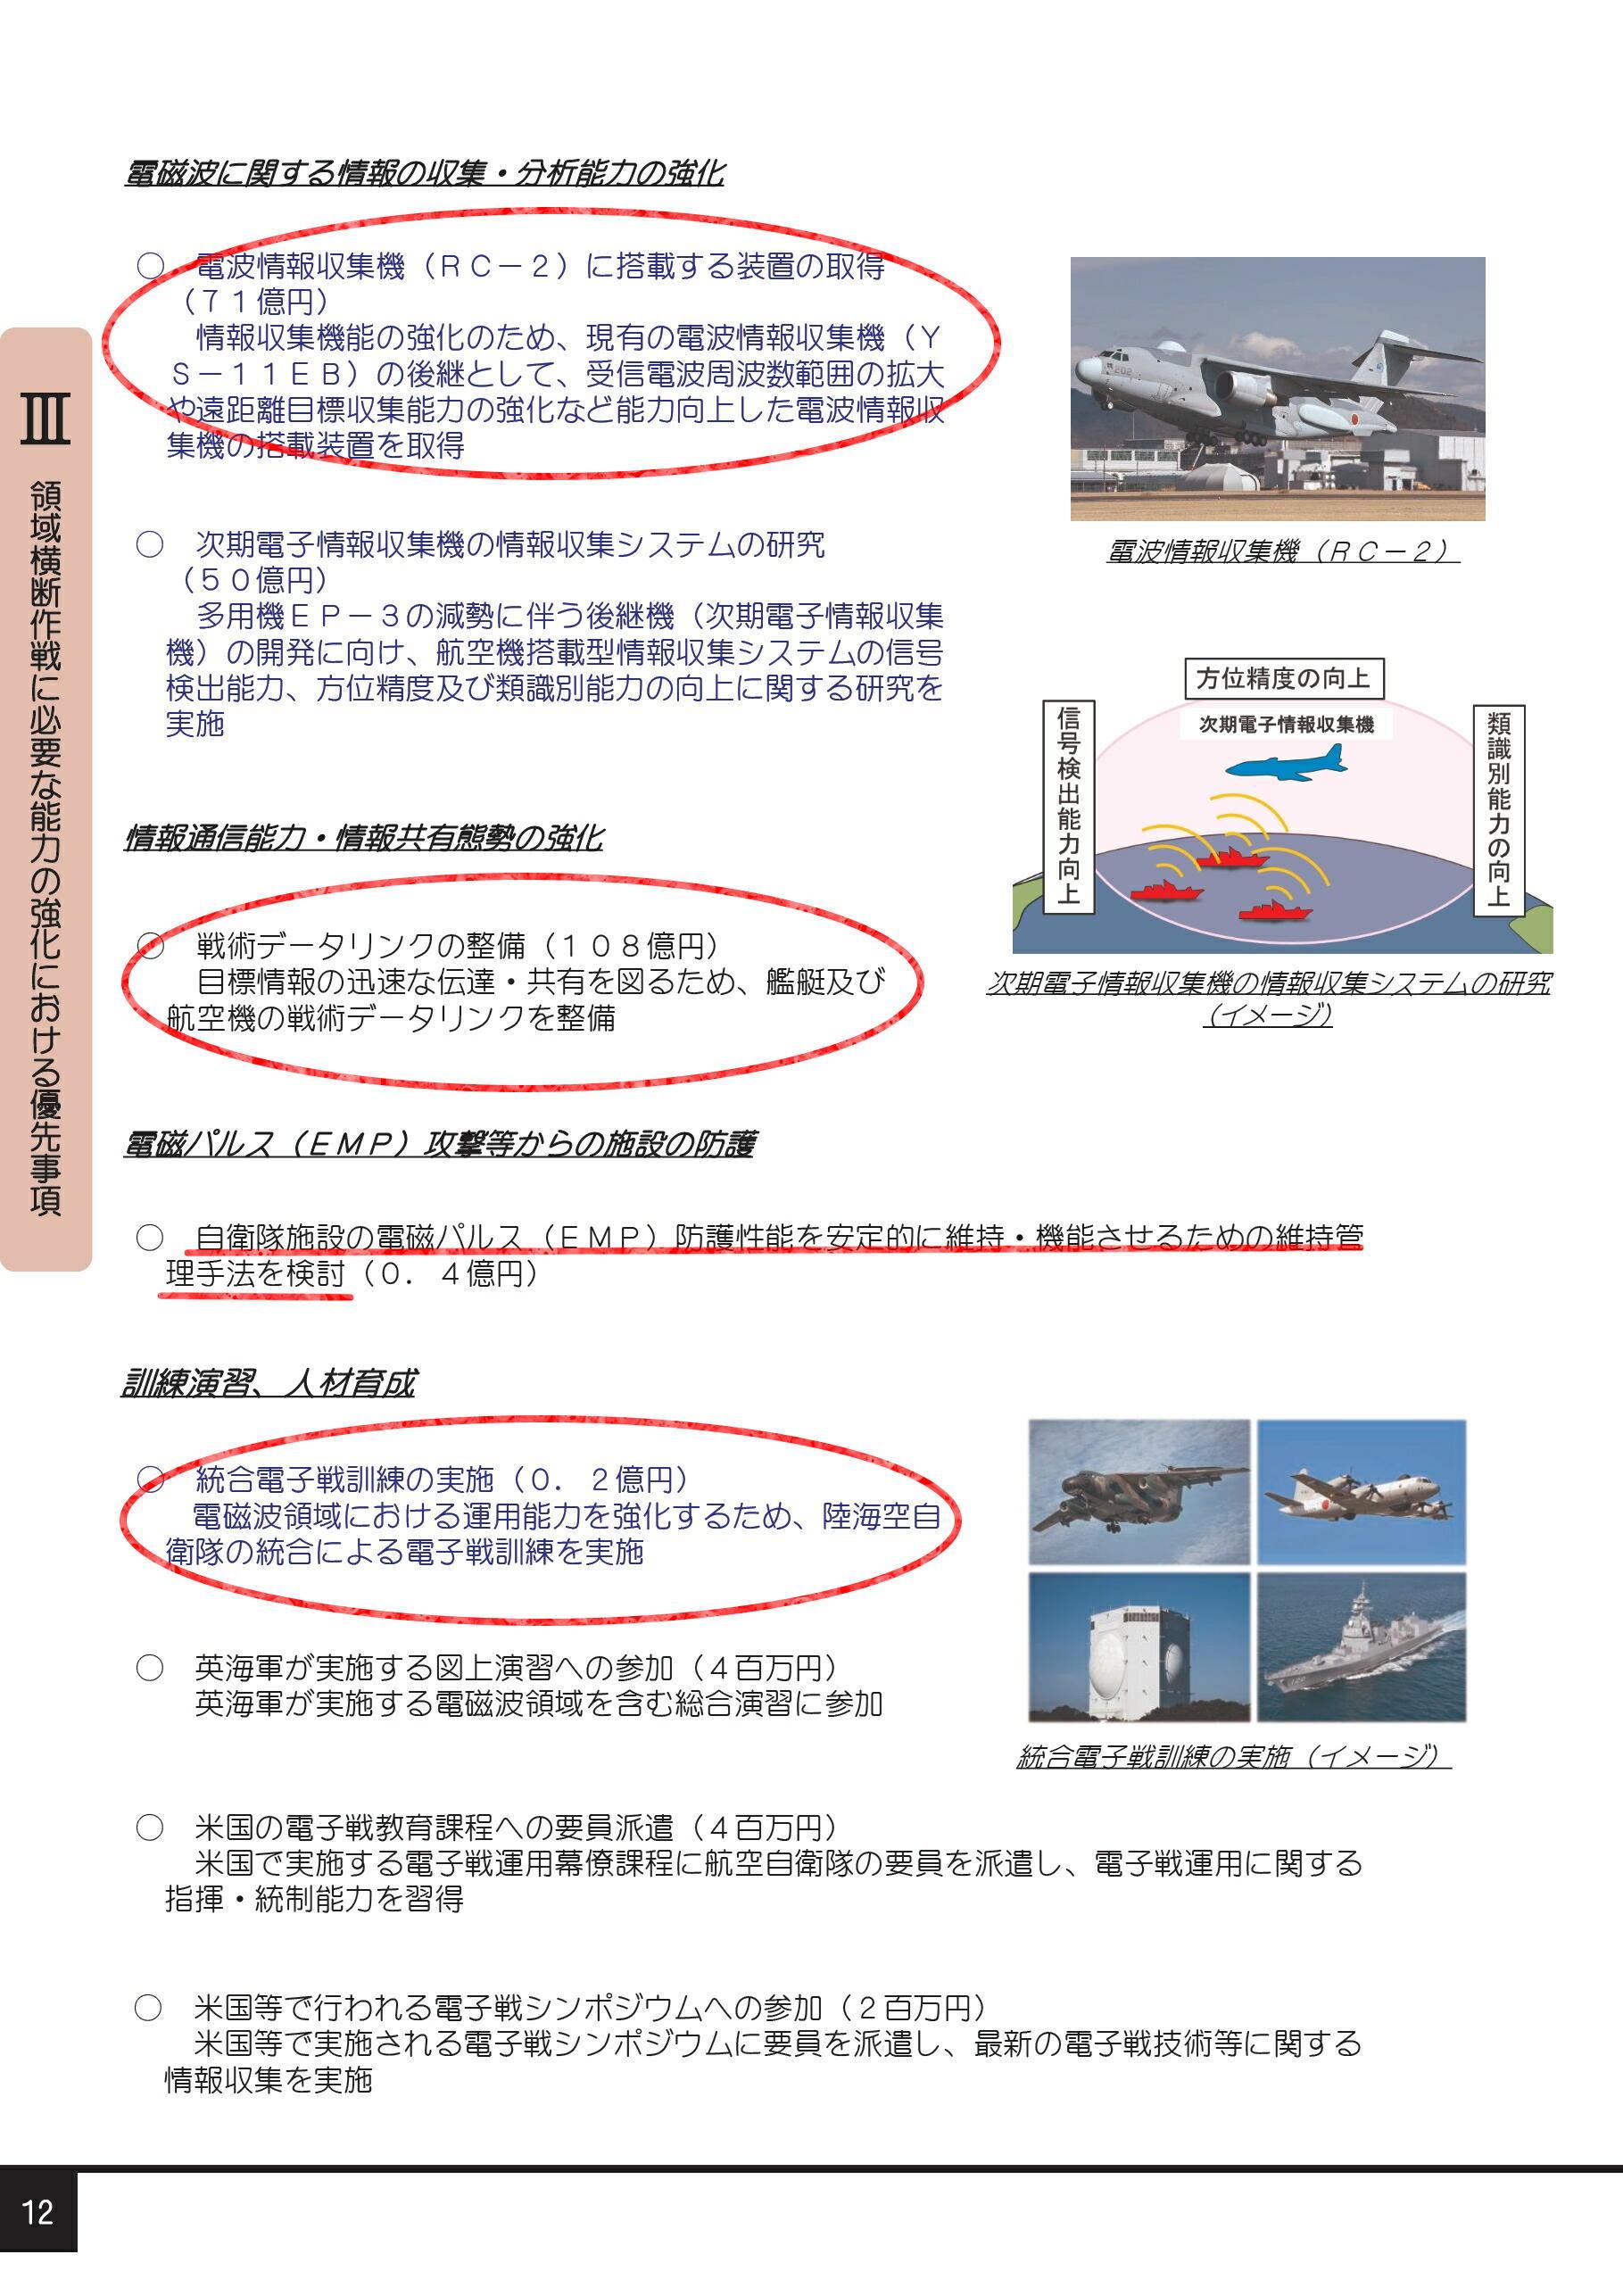 2021年度防衛省概算要求の概要0016